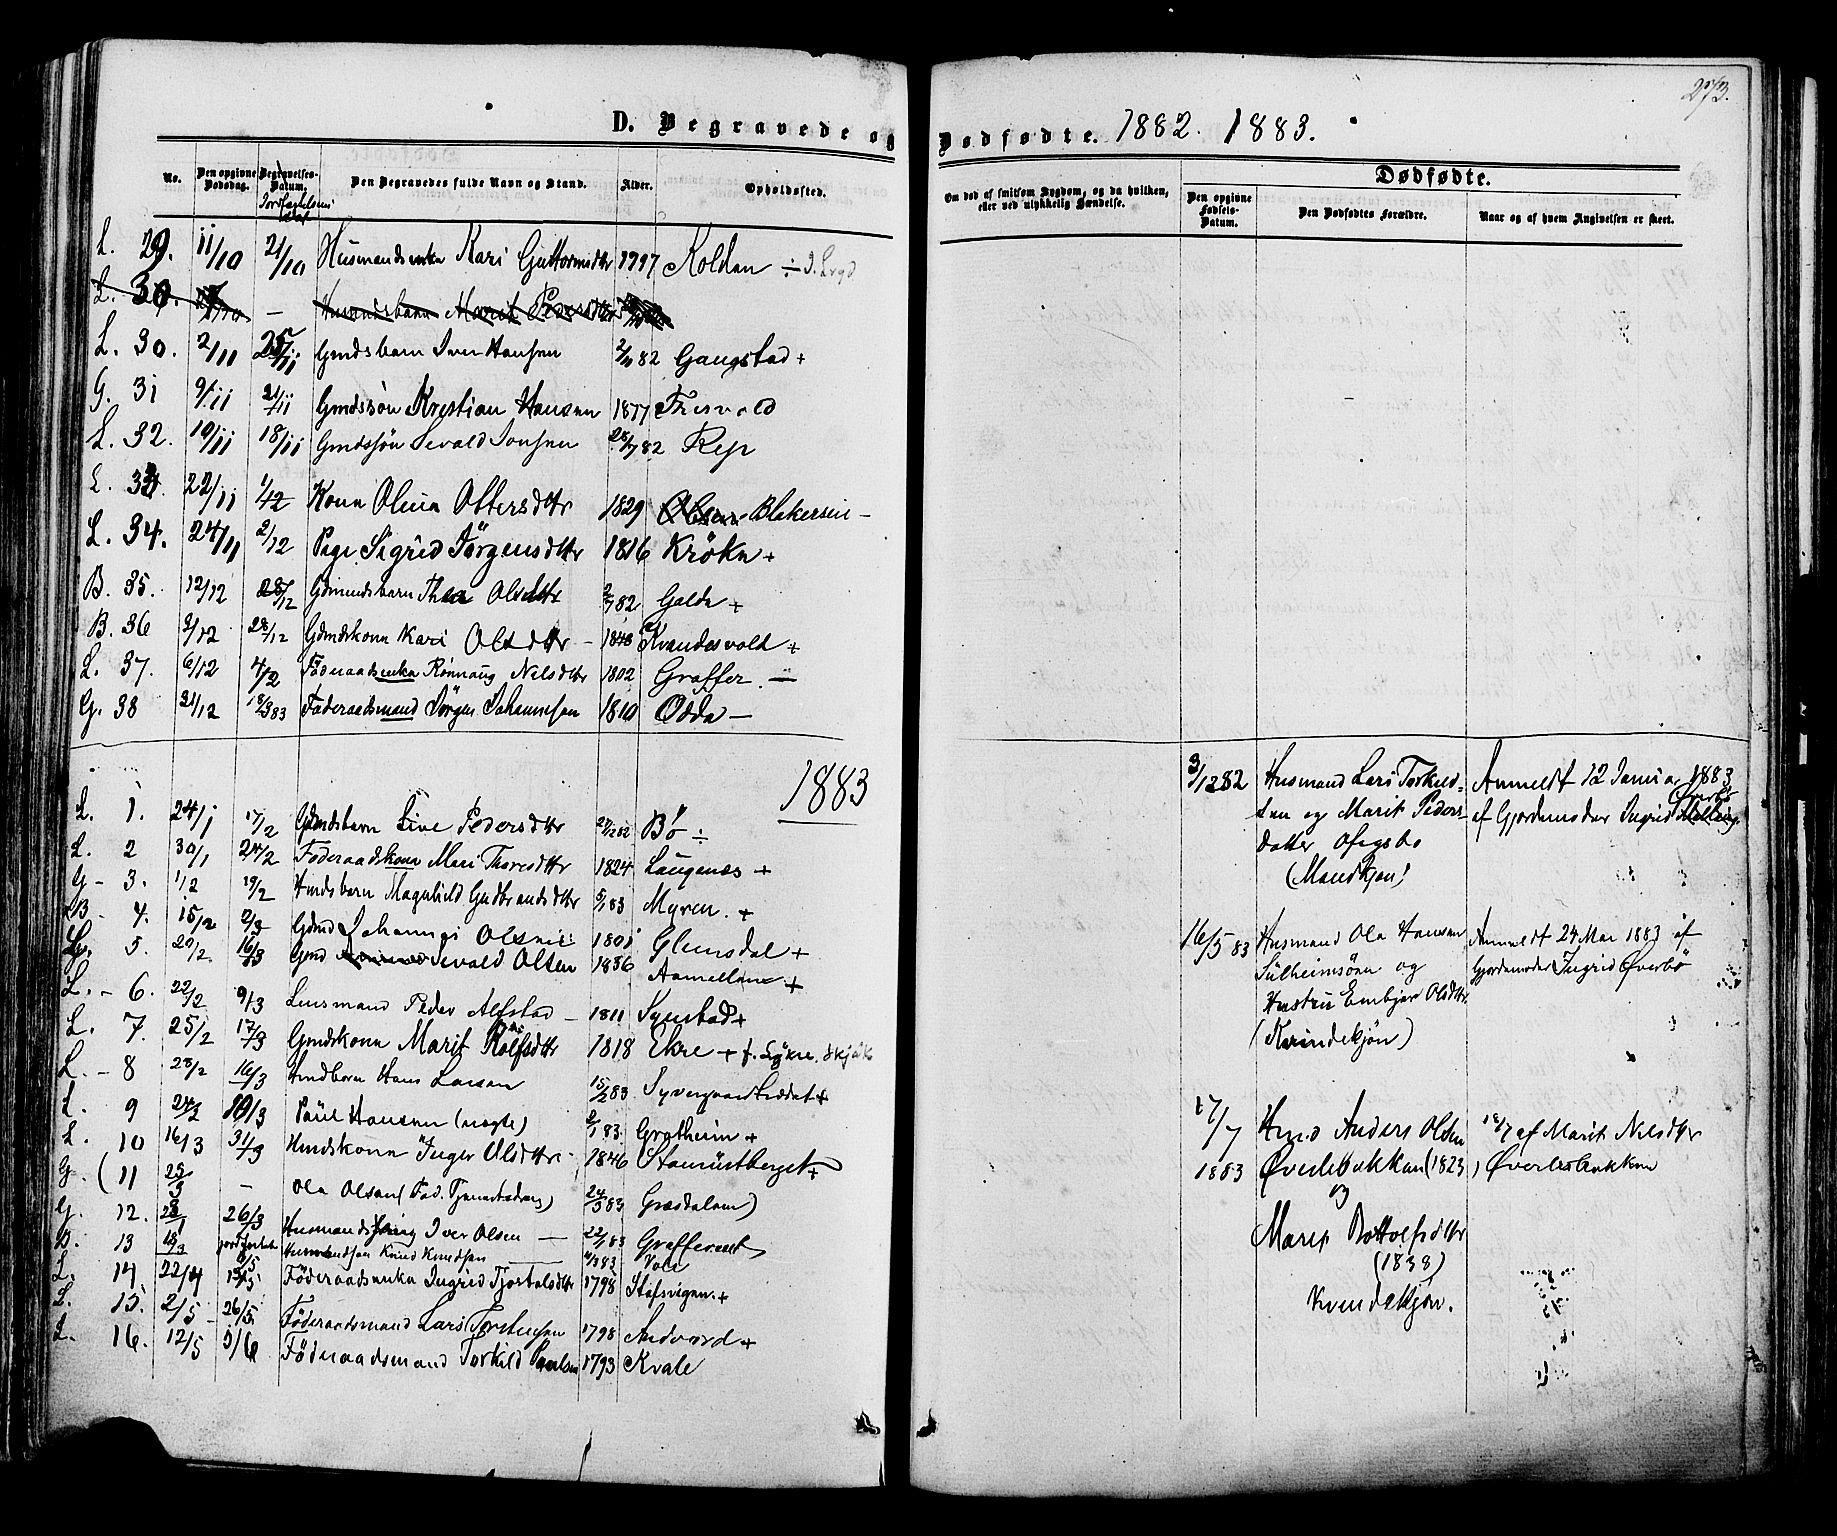 SAH, Lom prestekontor, K/L0007: Ministerialbok nr. 7, 1863-1884, s. 273